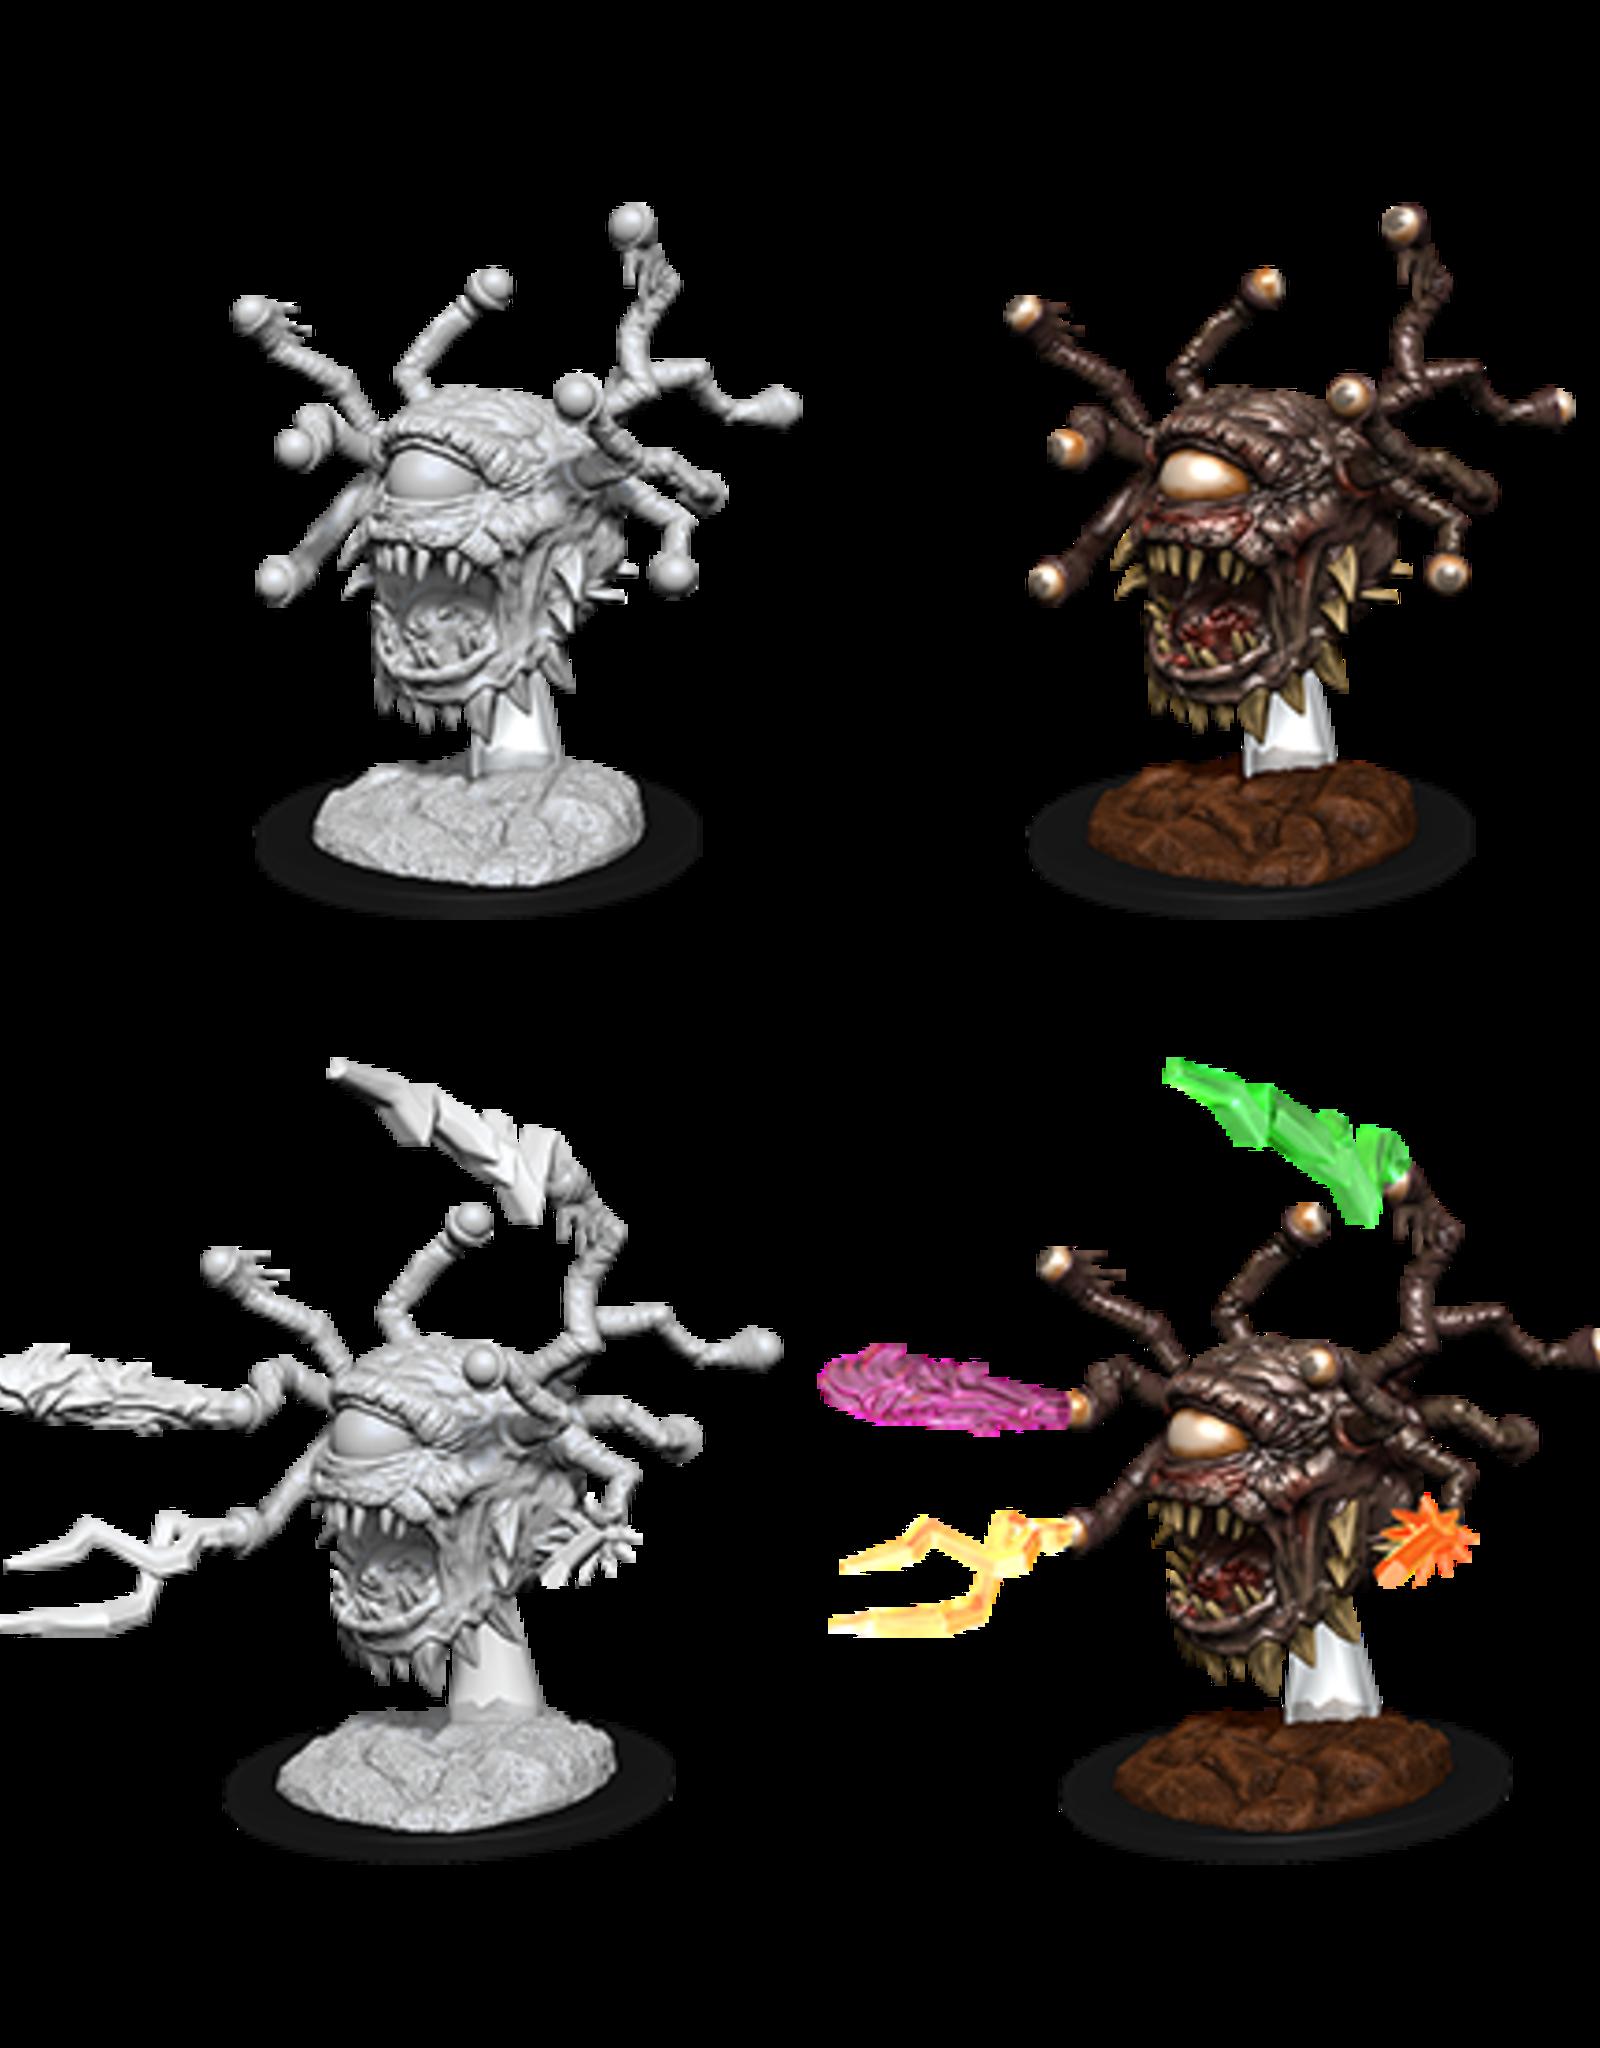 Nolzur's Marvelous Miniatures D&D D&D NMU - Beholder Zombie